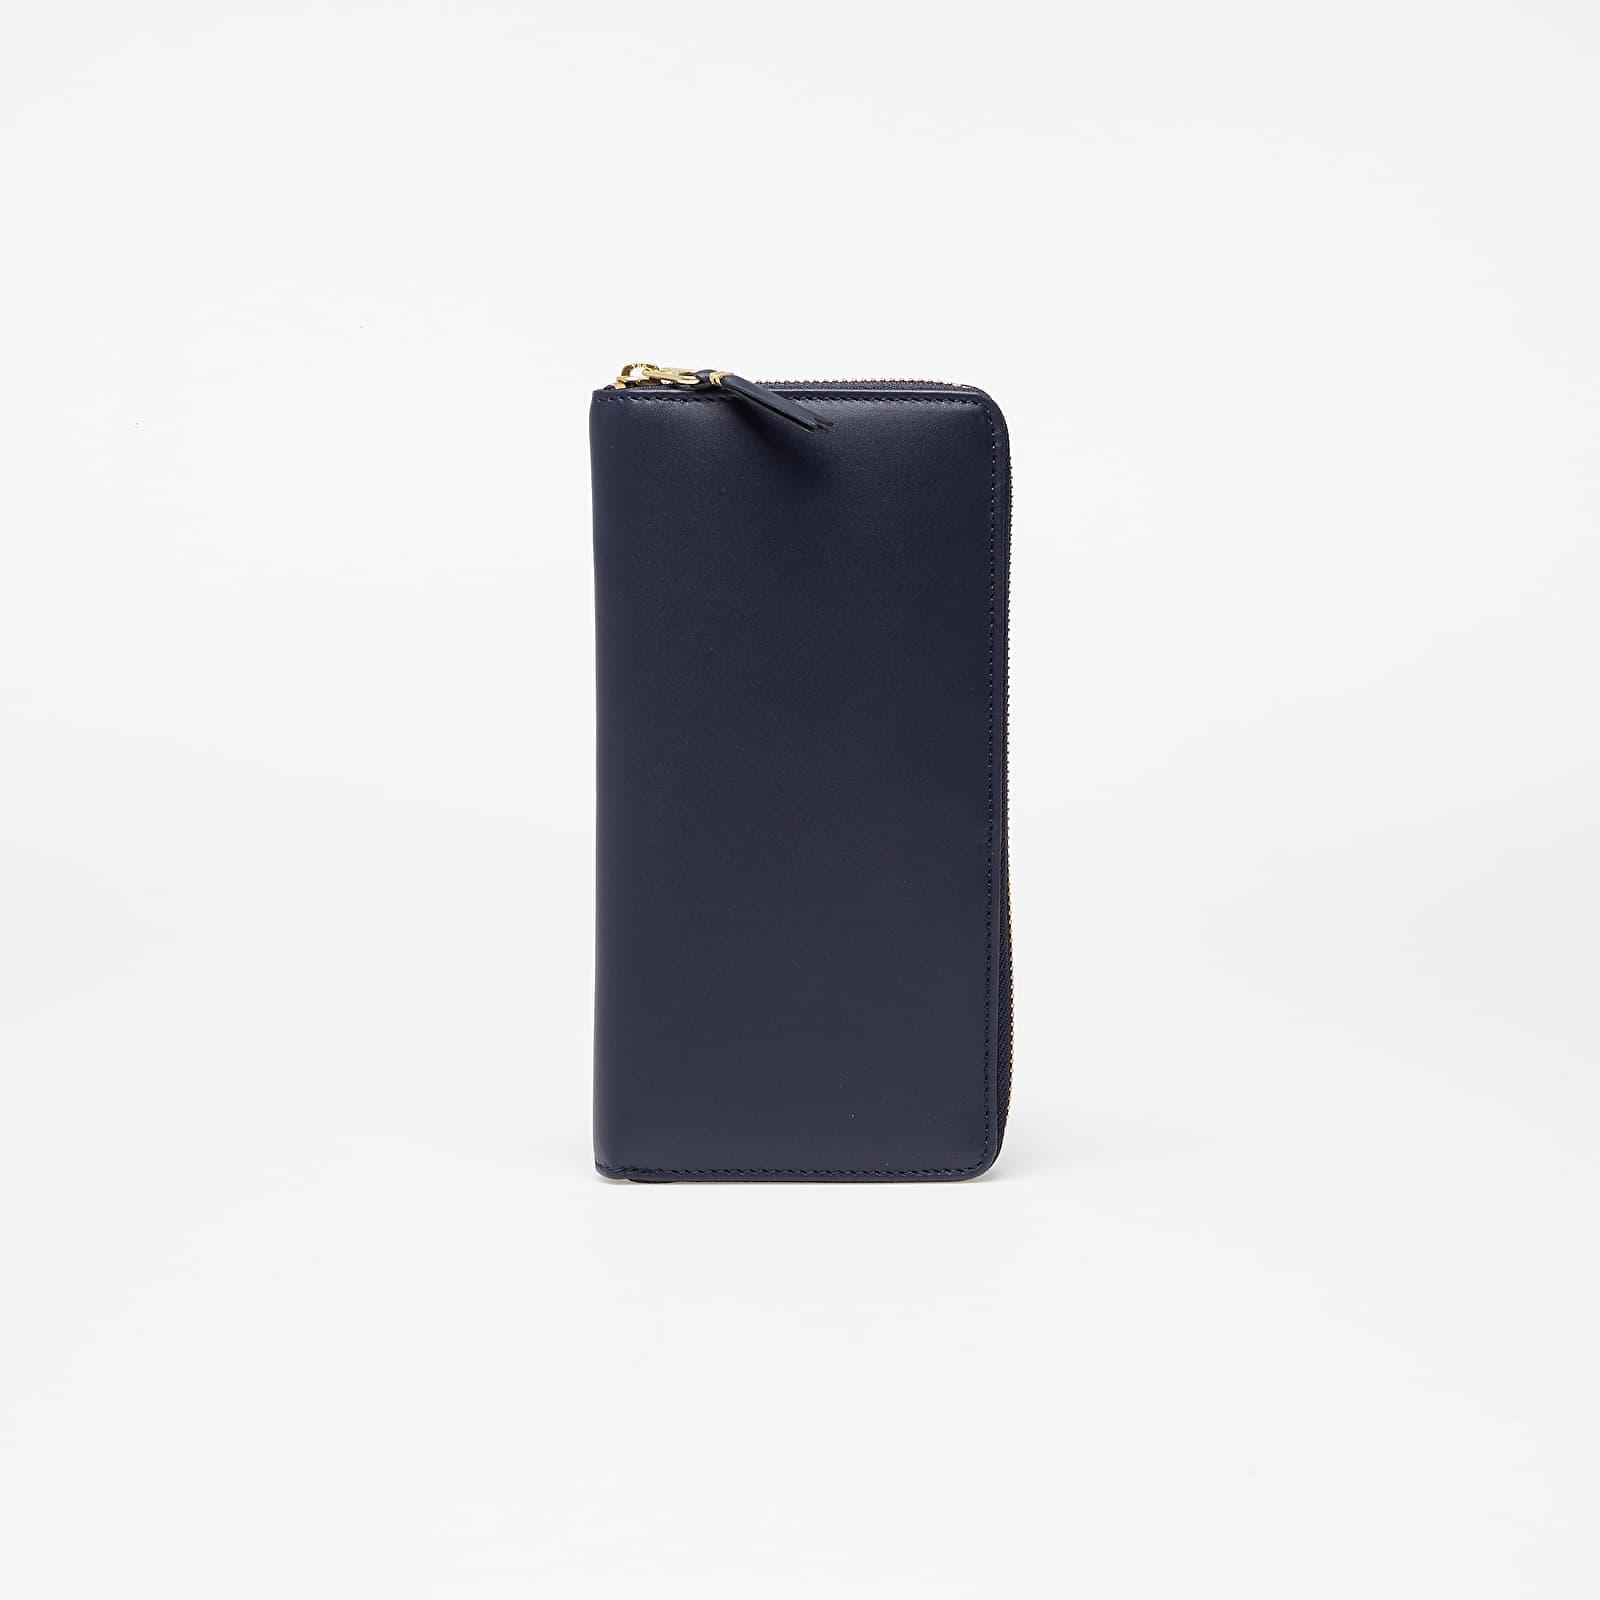 Portefeuilles Comme des Garçons Wallet Classic Colour Leather Wallet Navy